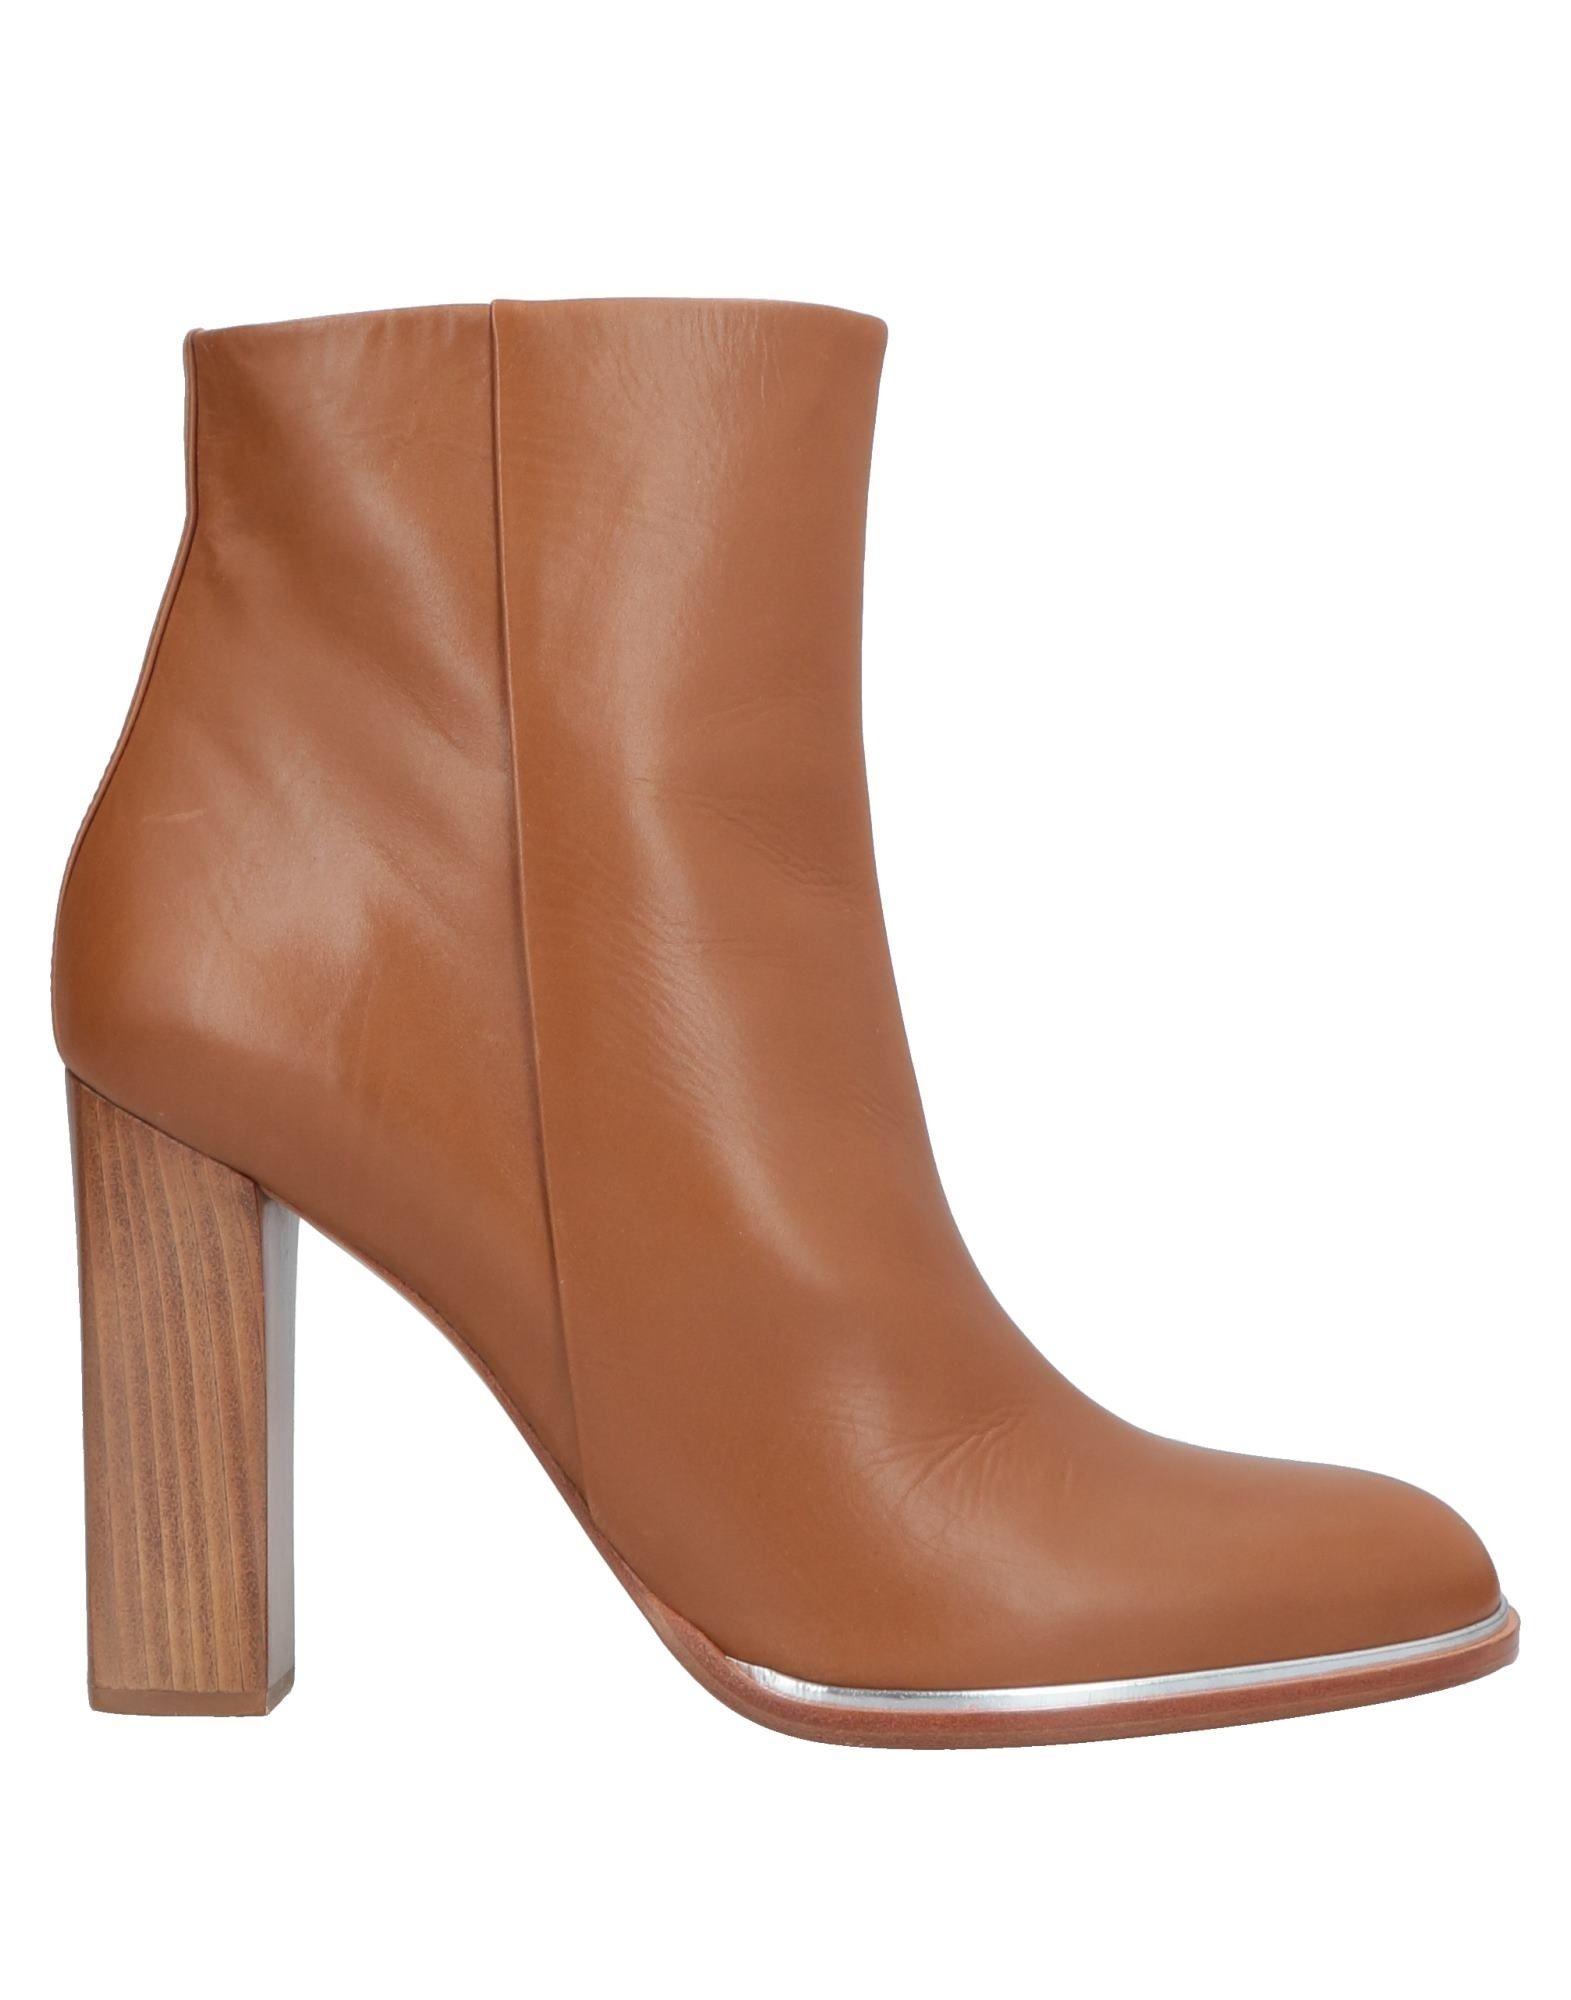 VERONIQUE BRANQUINHO Полусапоги и высокие ботинки veronique branquinho полусапоги и высокие ботинки